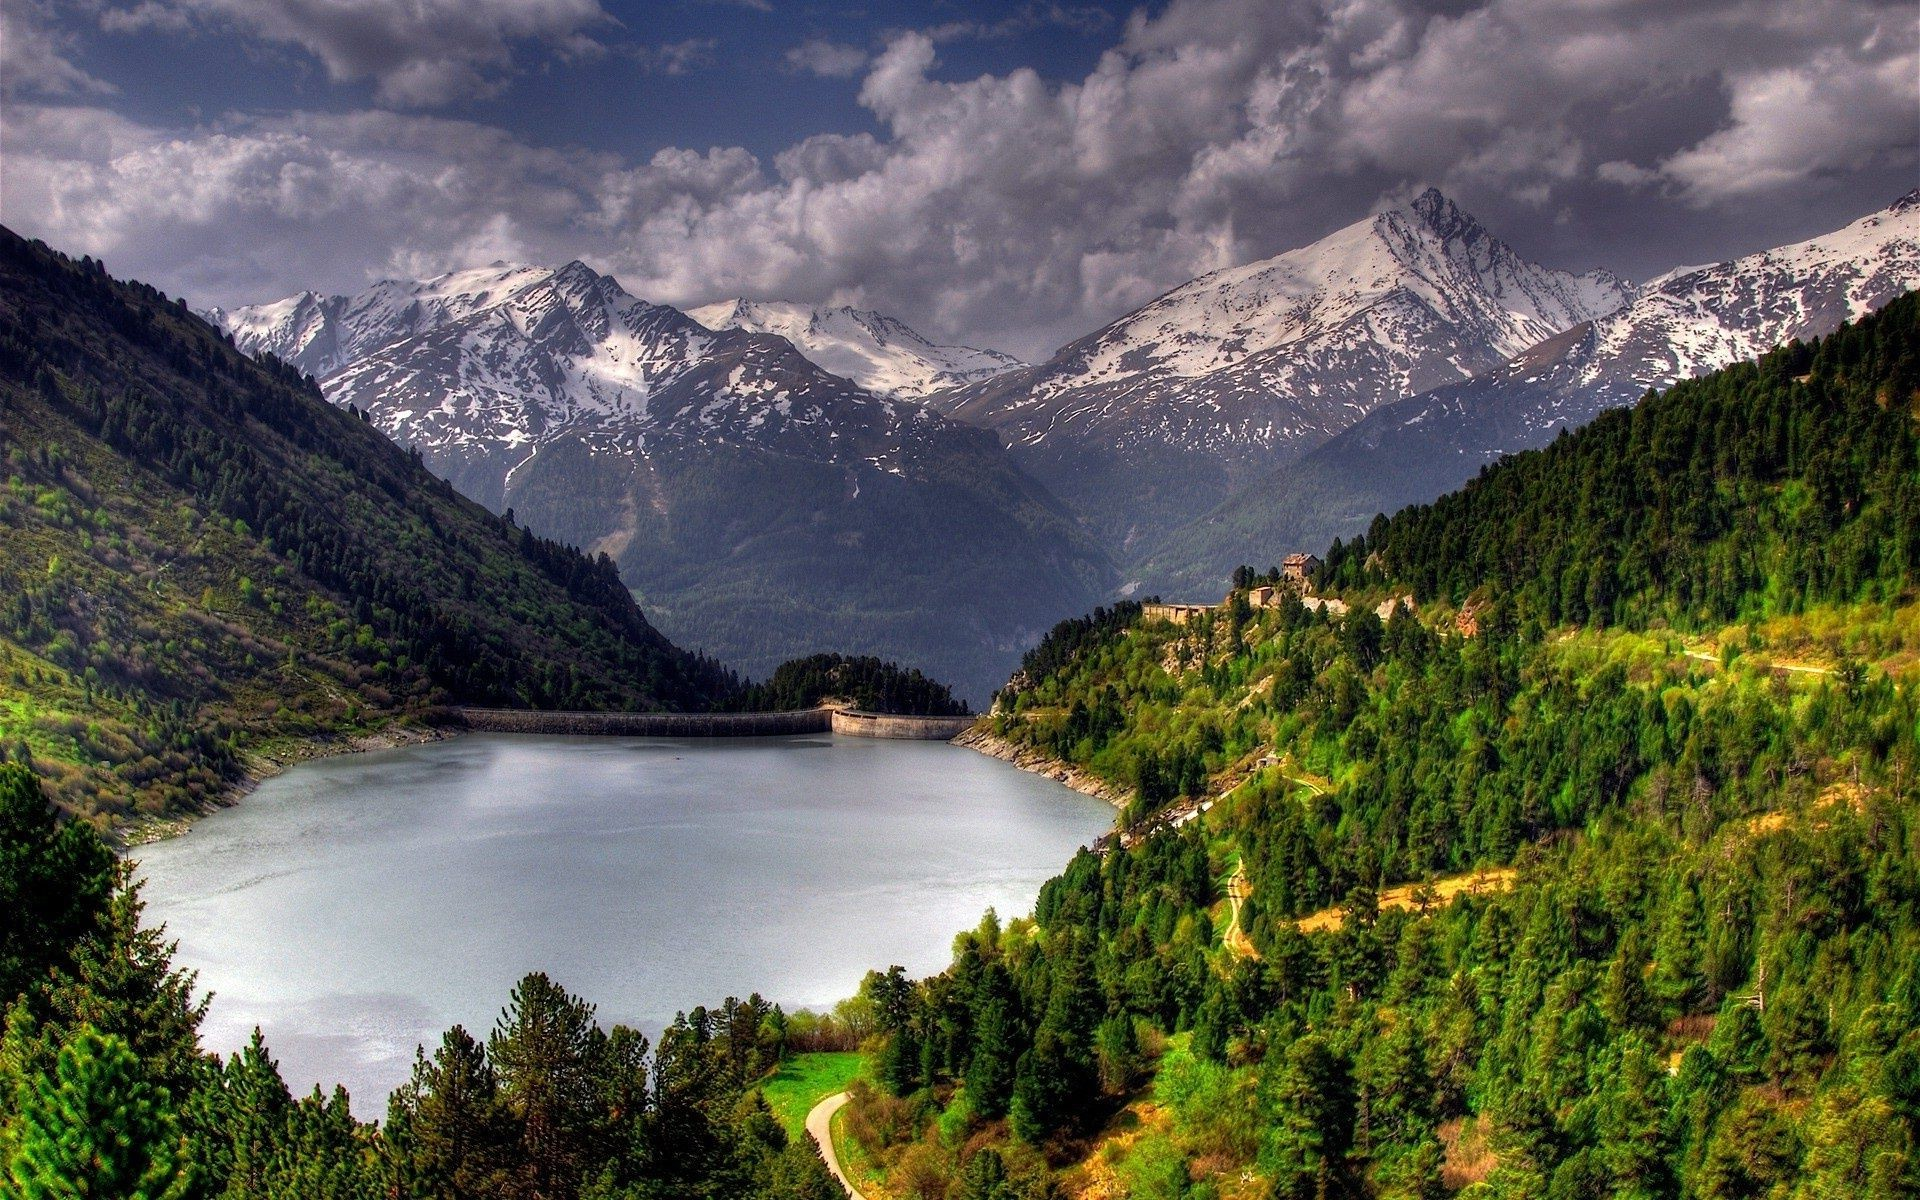 Озеро у подножья гор без смс